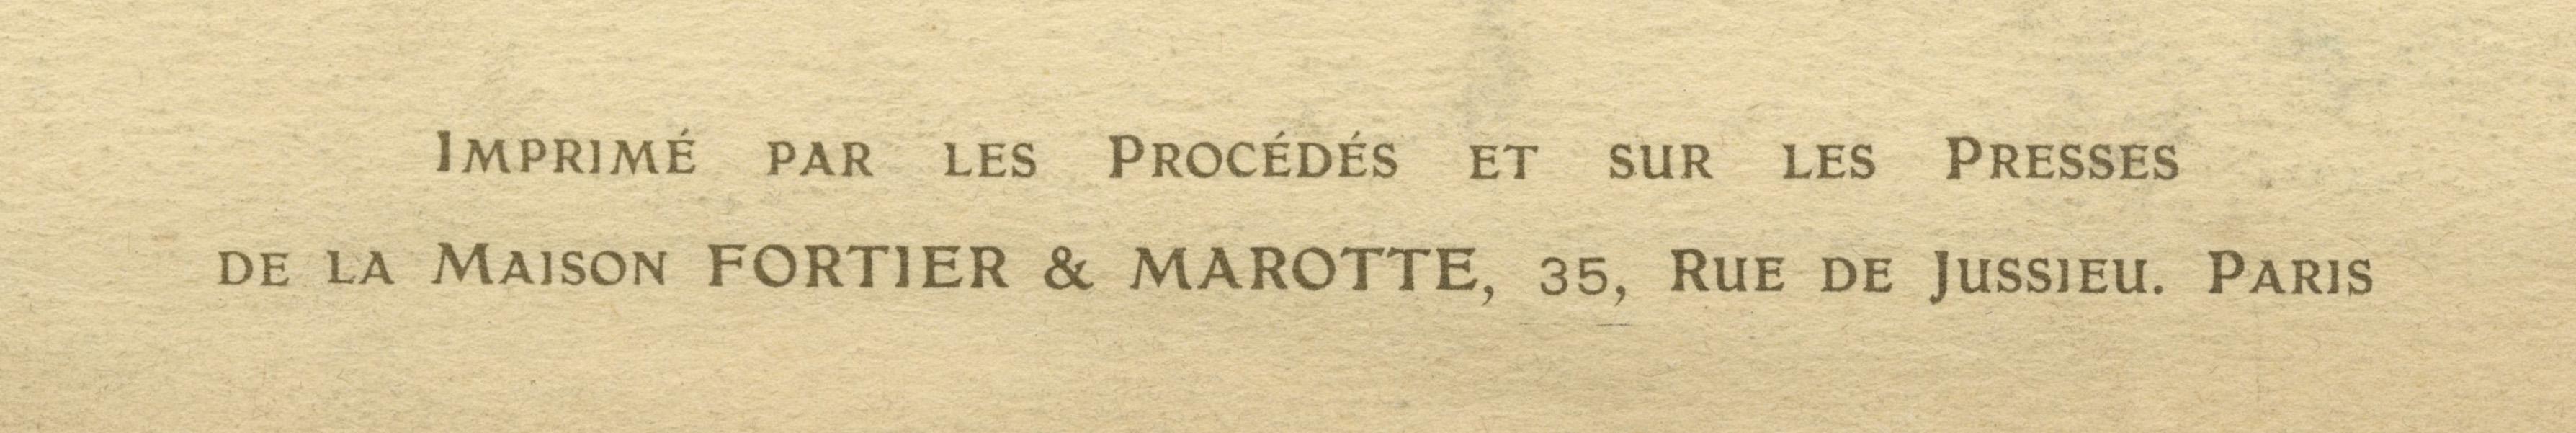 Maison Fortier et Marotte Credit Line